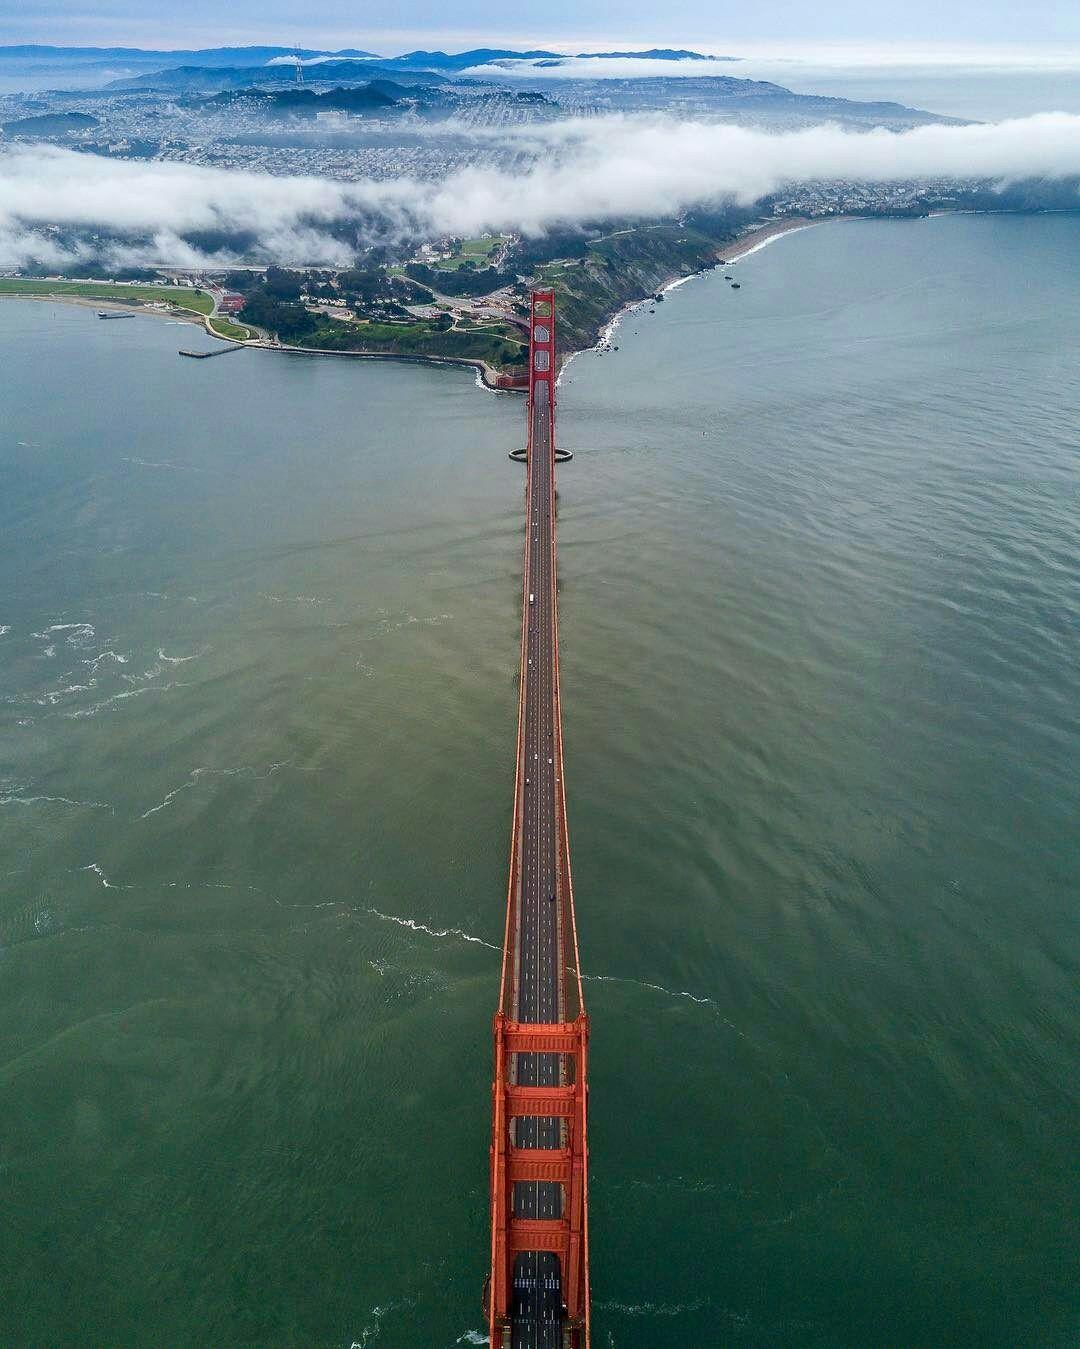 Golden Gate Bridge by Cliff Wang